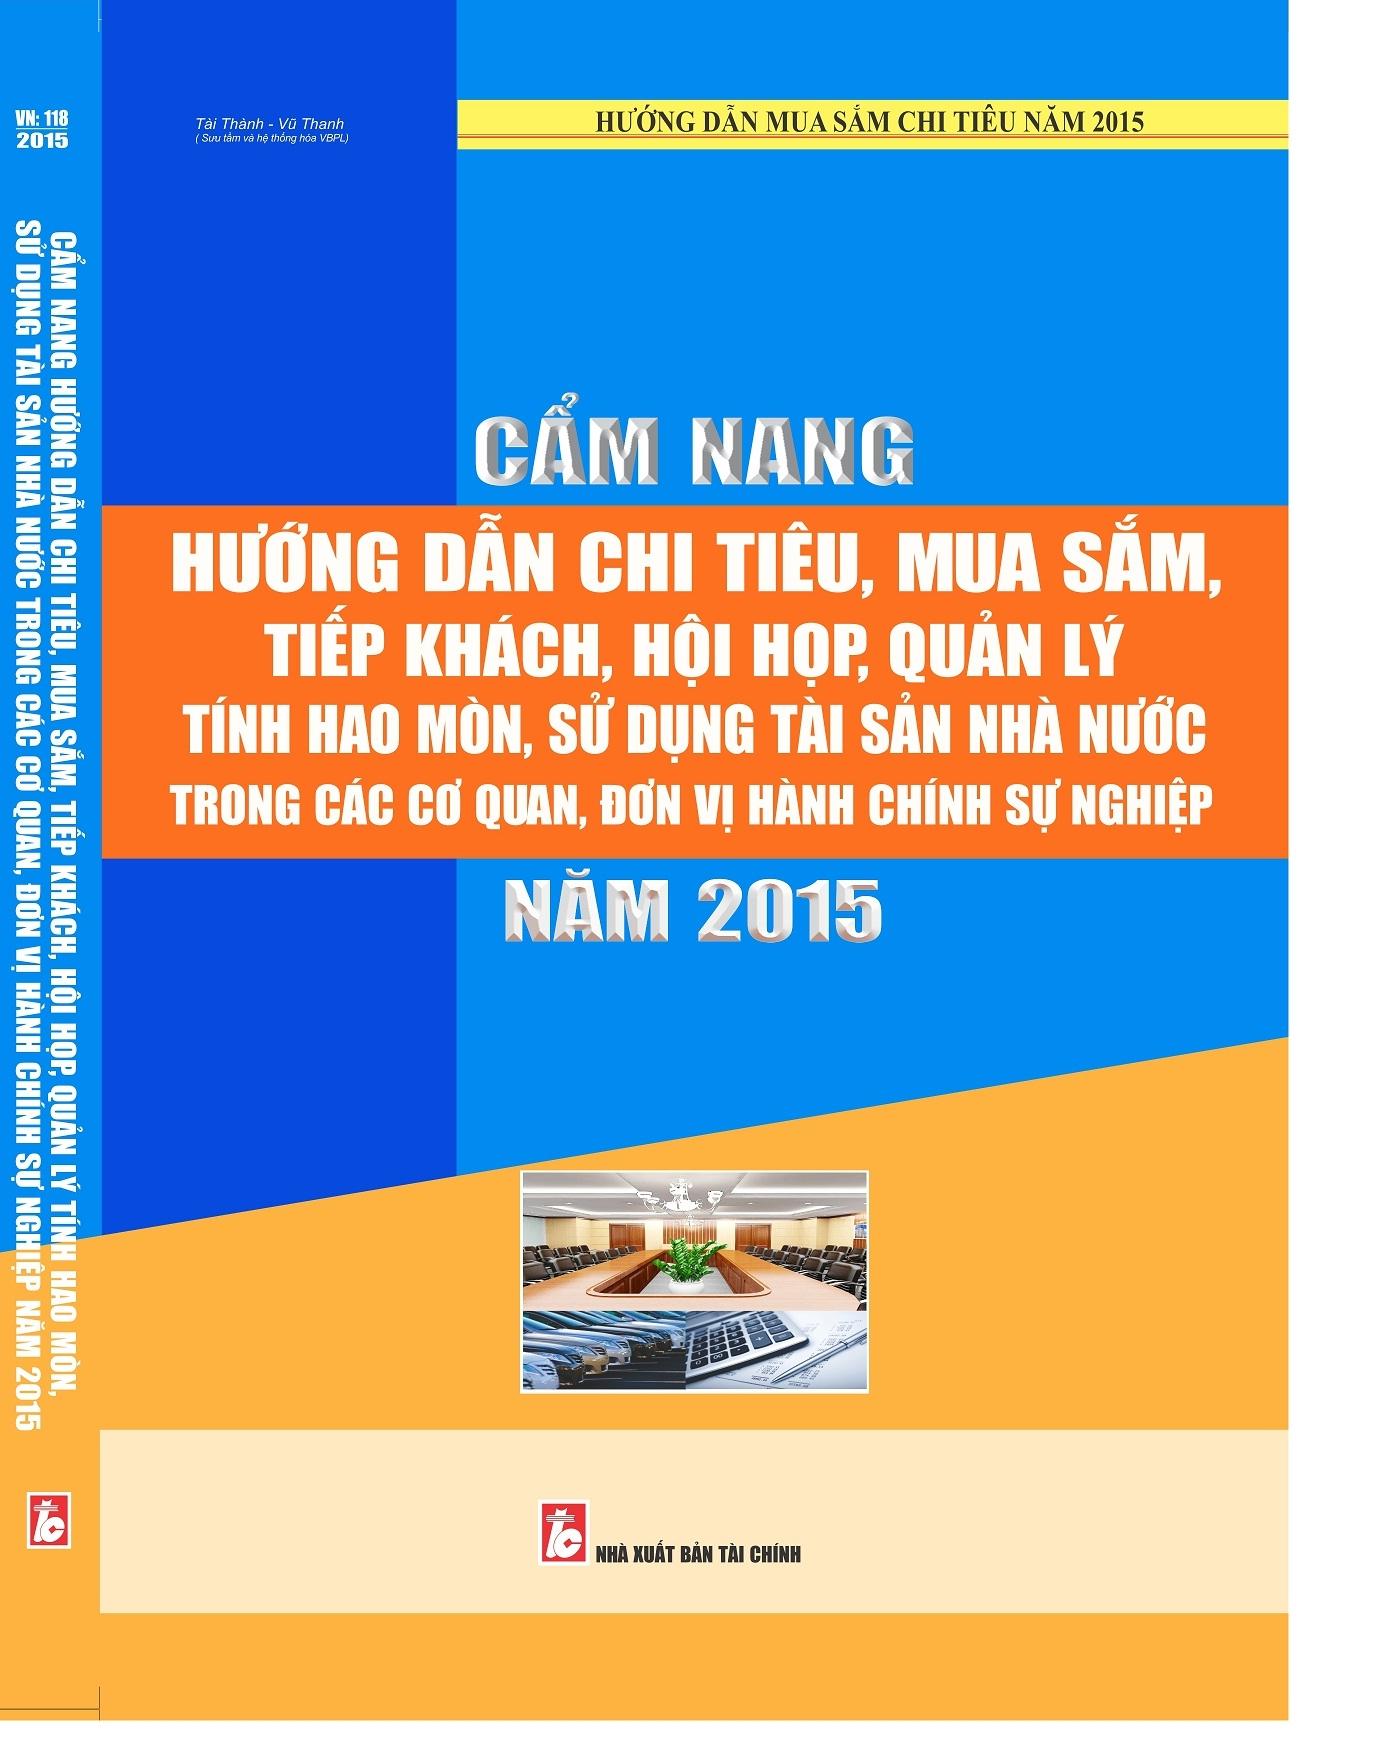 Cẩm nang hướng dẫn chi tiêu, mua sắm, tiếp khách, hội họp, quản lý tính hao mòn tài sản nhà nước trong các cơ quan đơn vị HCSN 2015